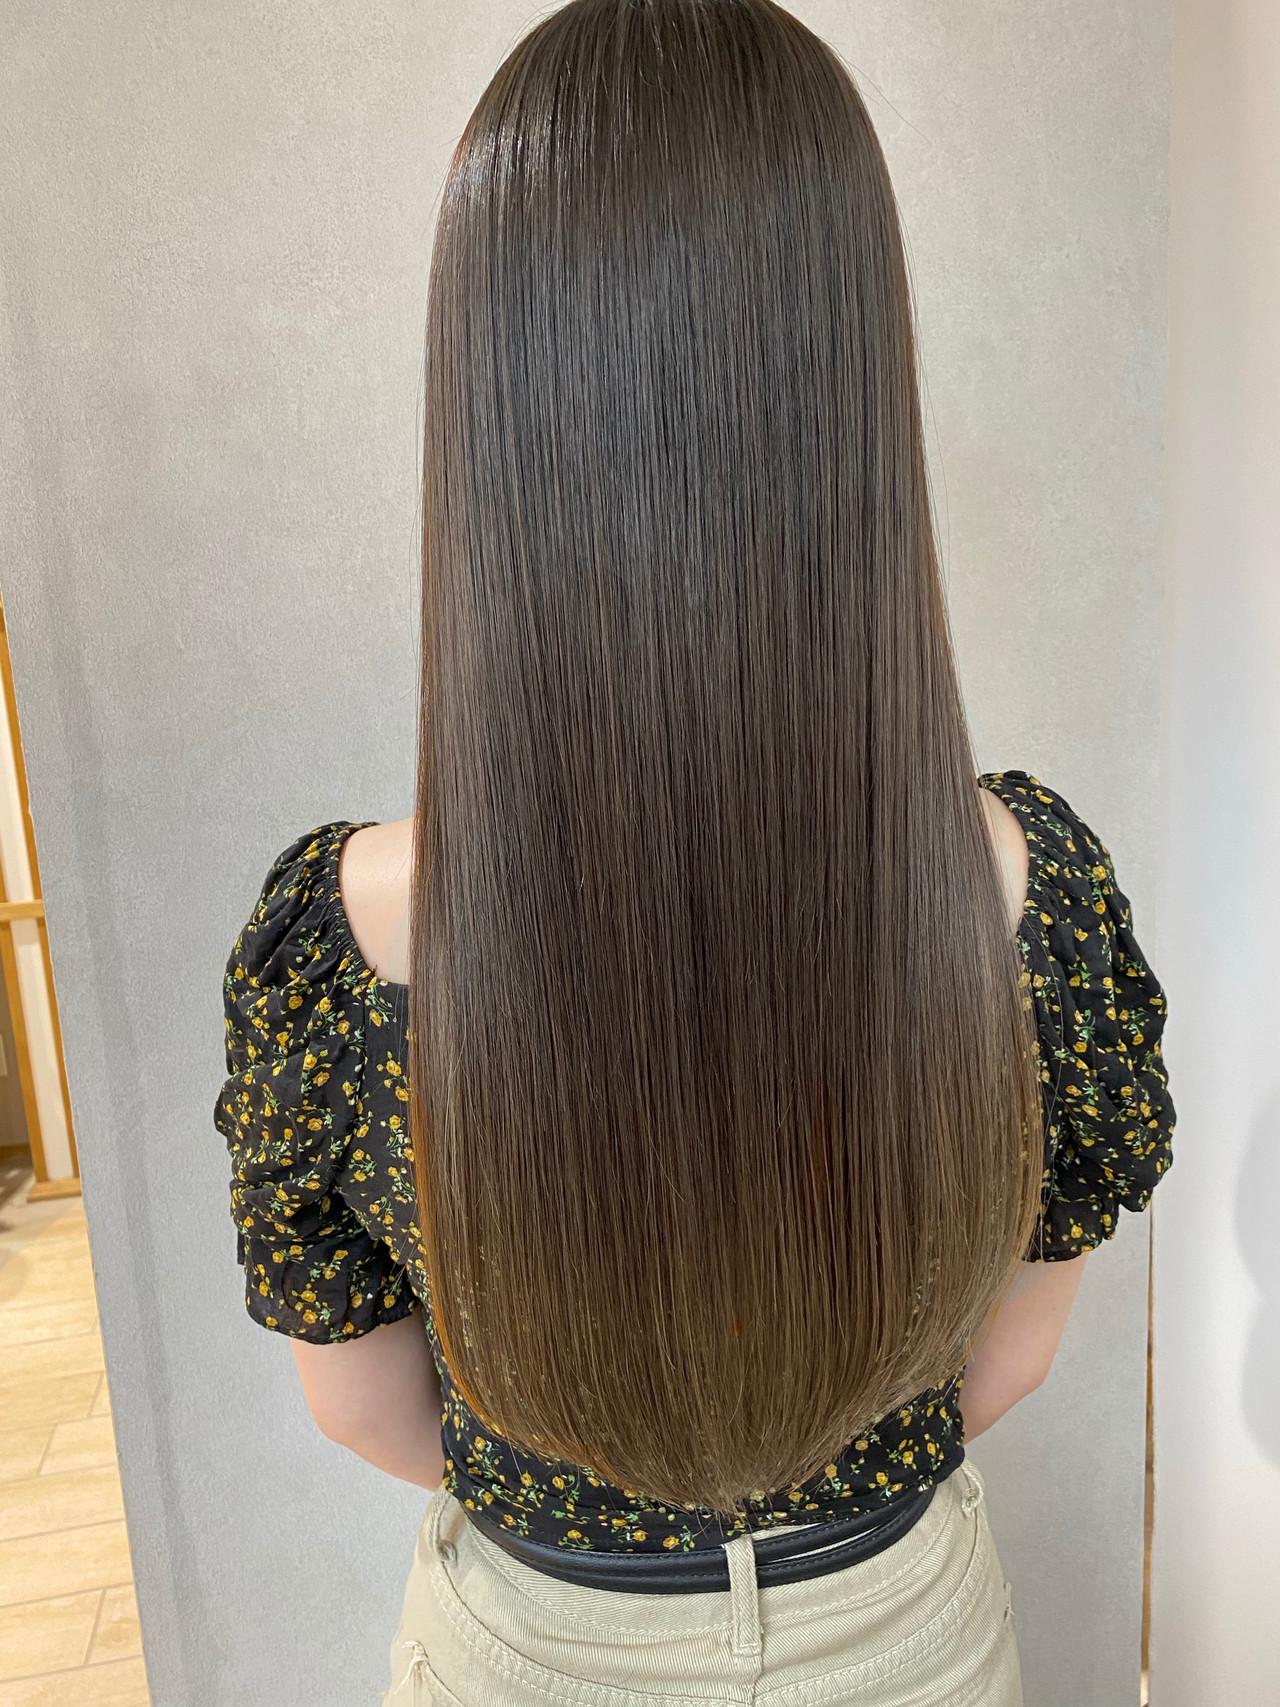 ナチュラル ロング アッシュグレージュ 髪質改善トリートメント ヘアスタイルや髪型の写真・画像